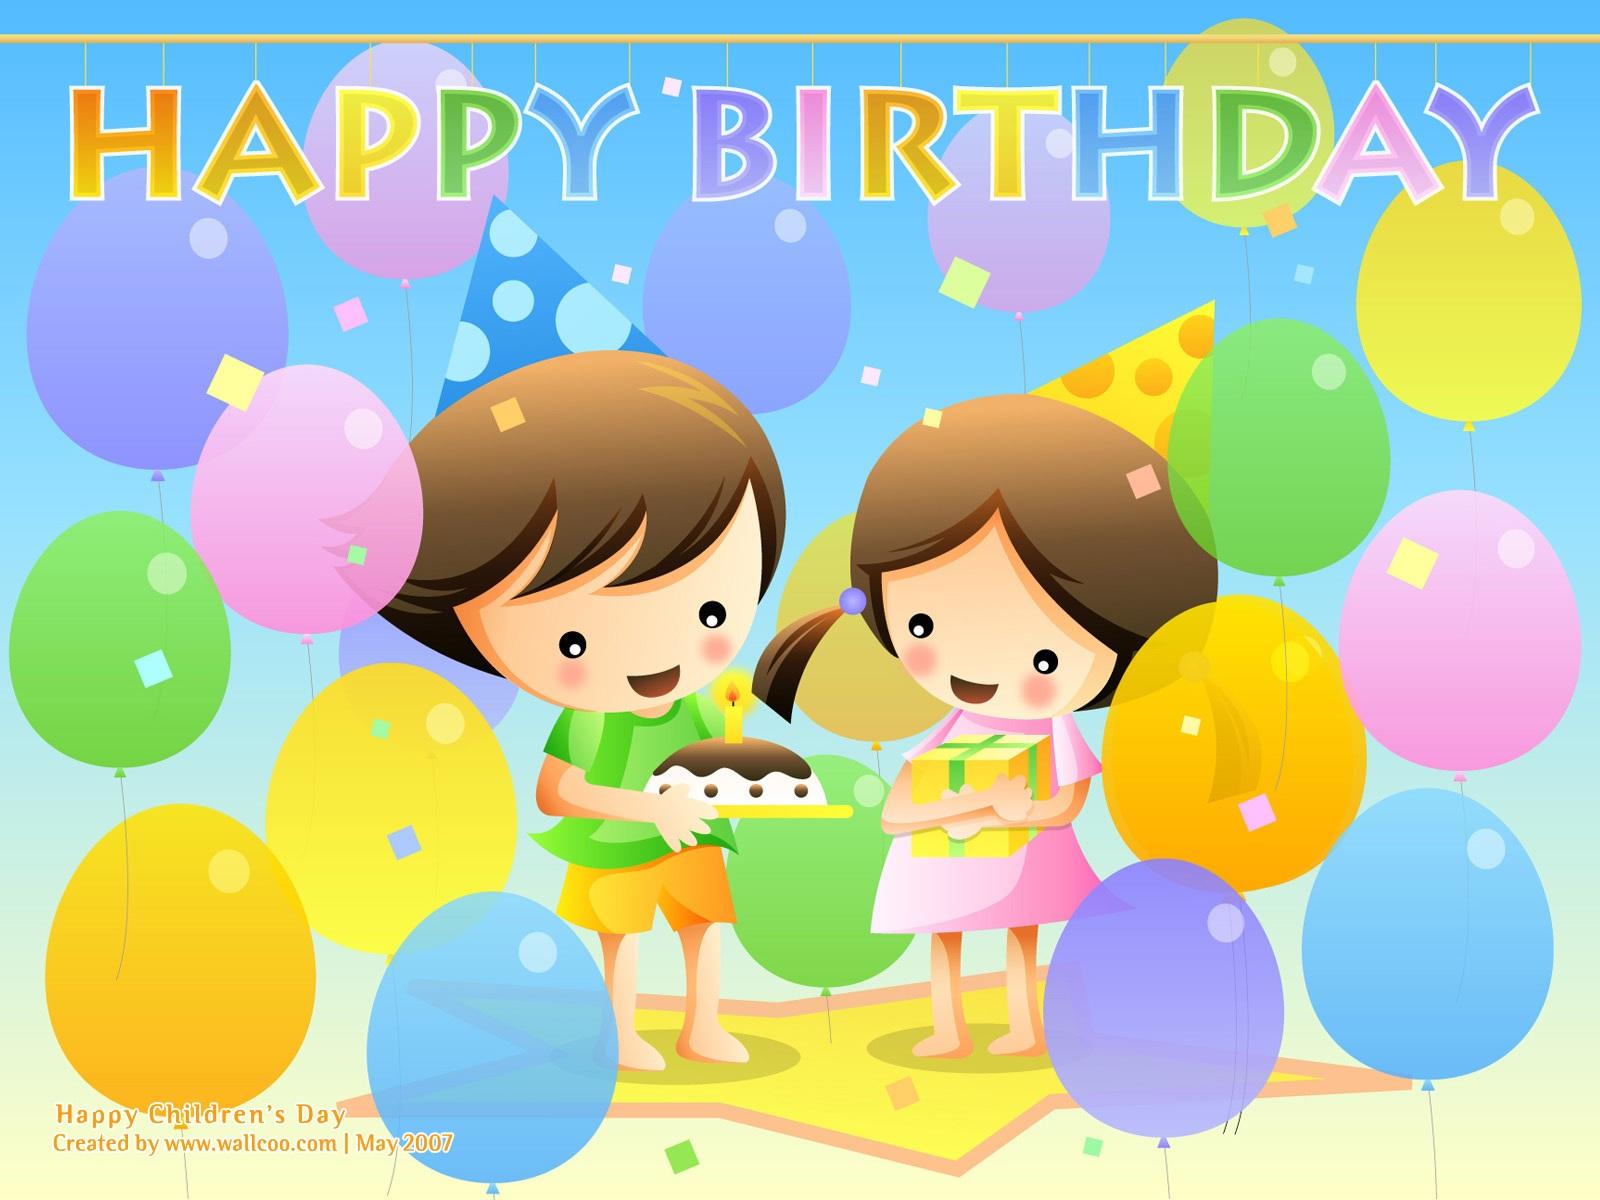 [Childrens-Day-Happy-Birthday-697.jpg]